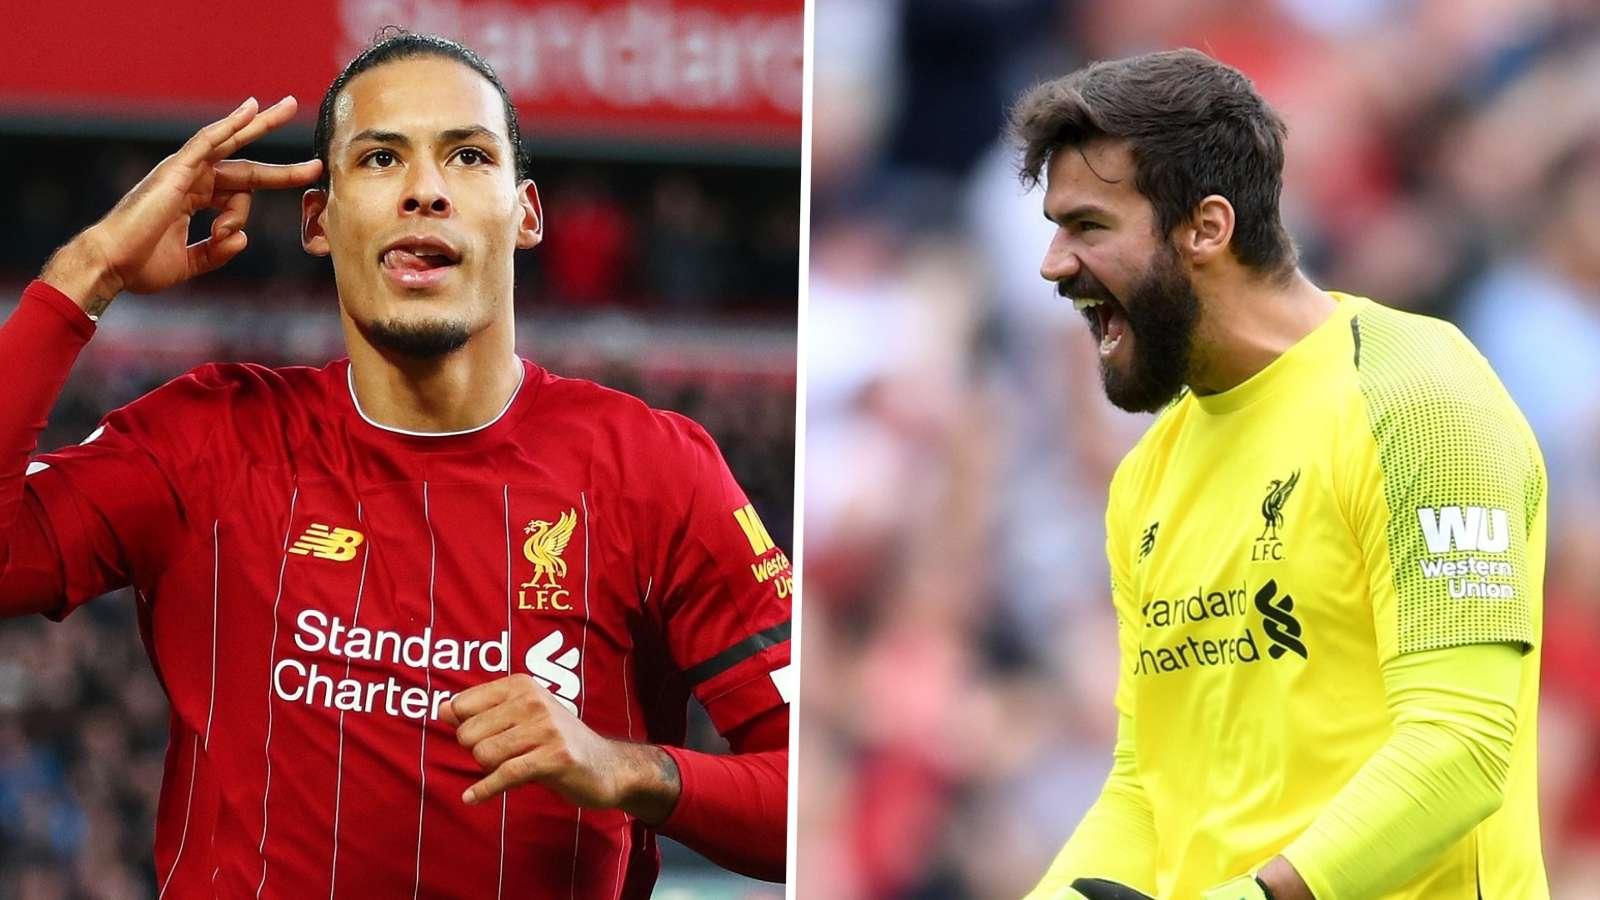 Van Dijk/Alisson split Liverpool 2019-20